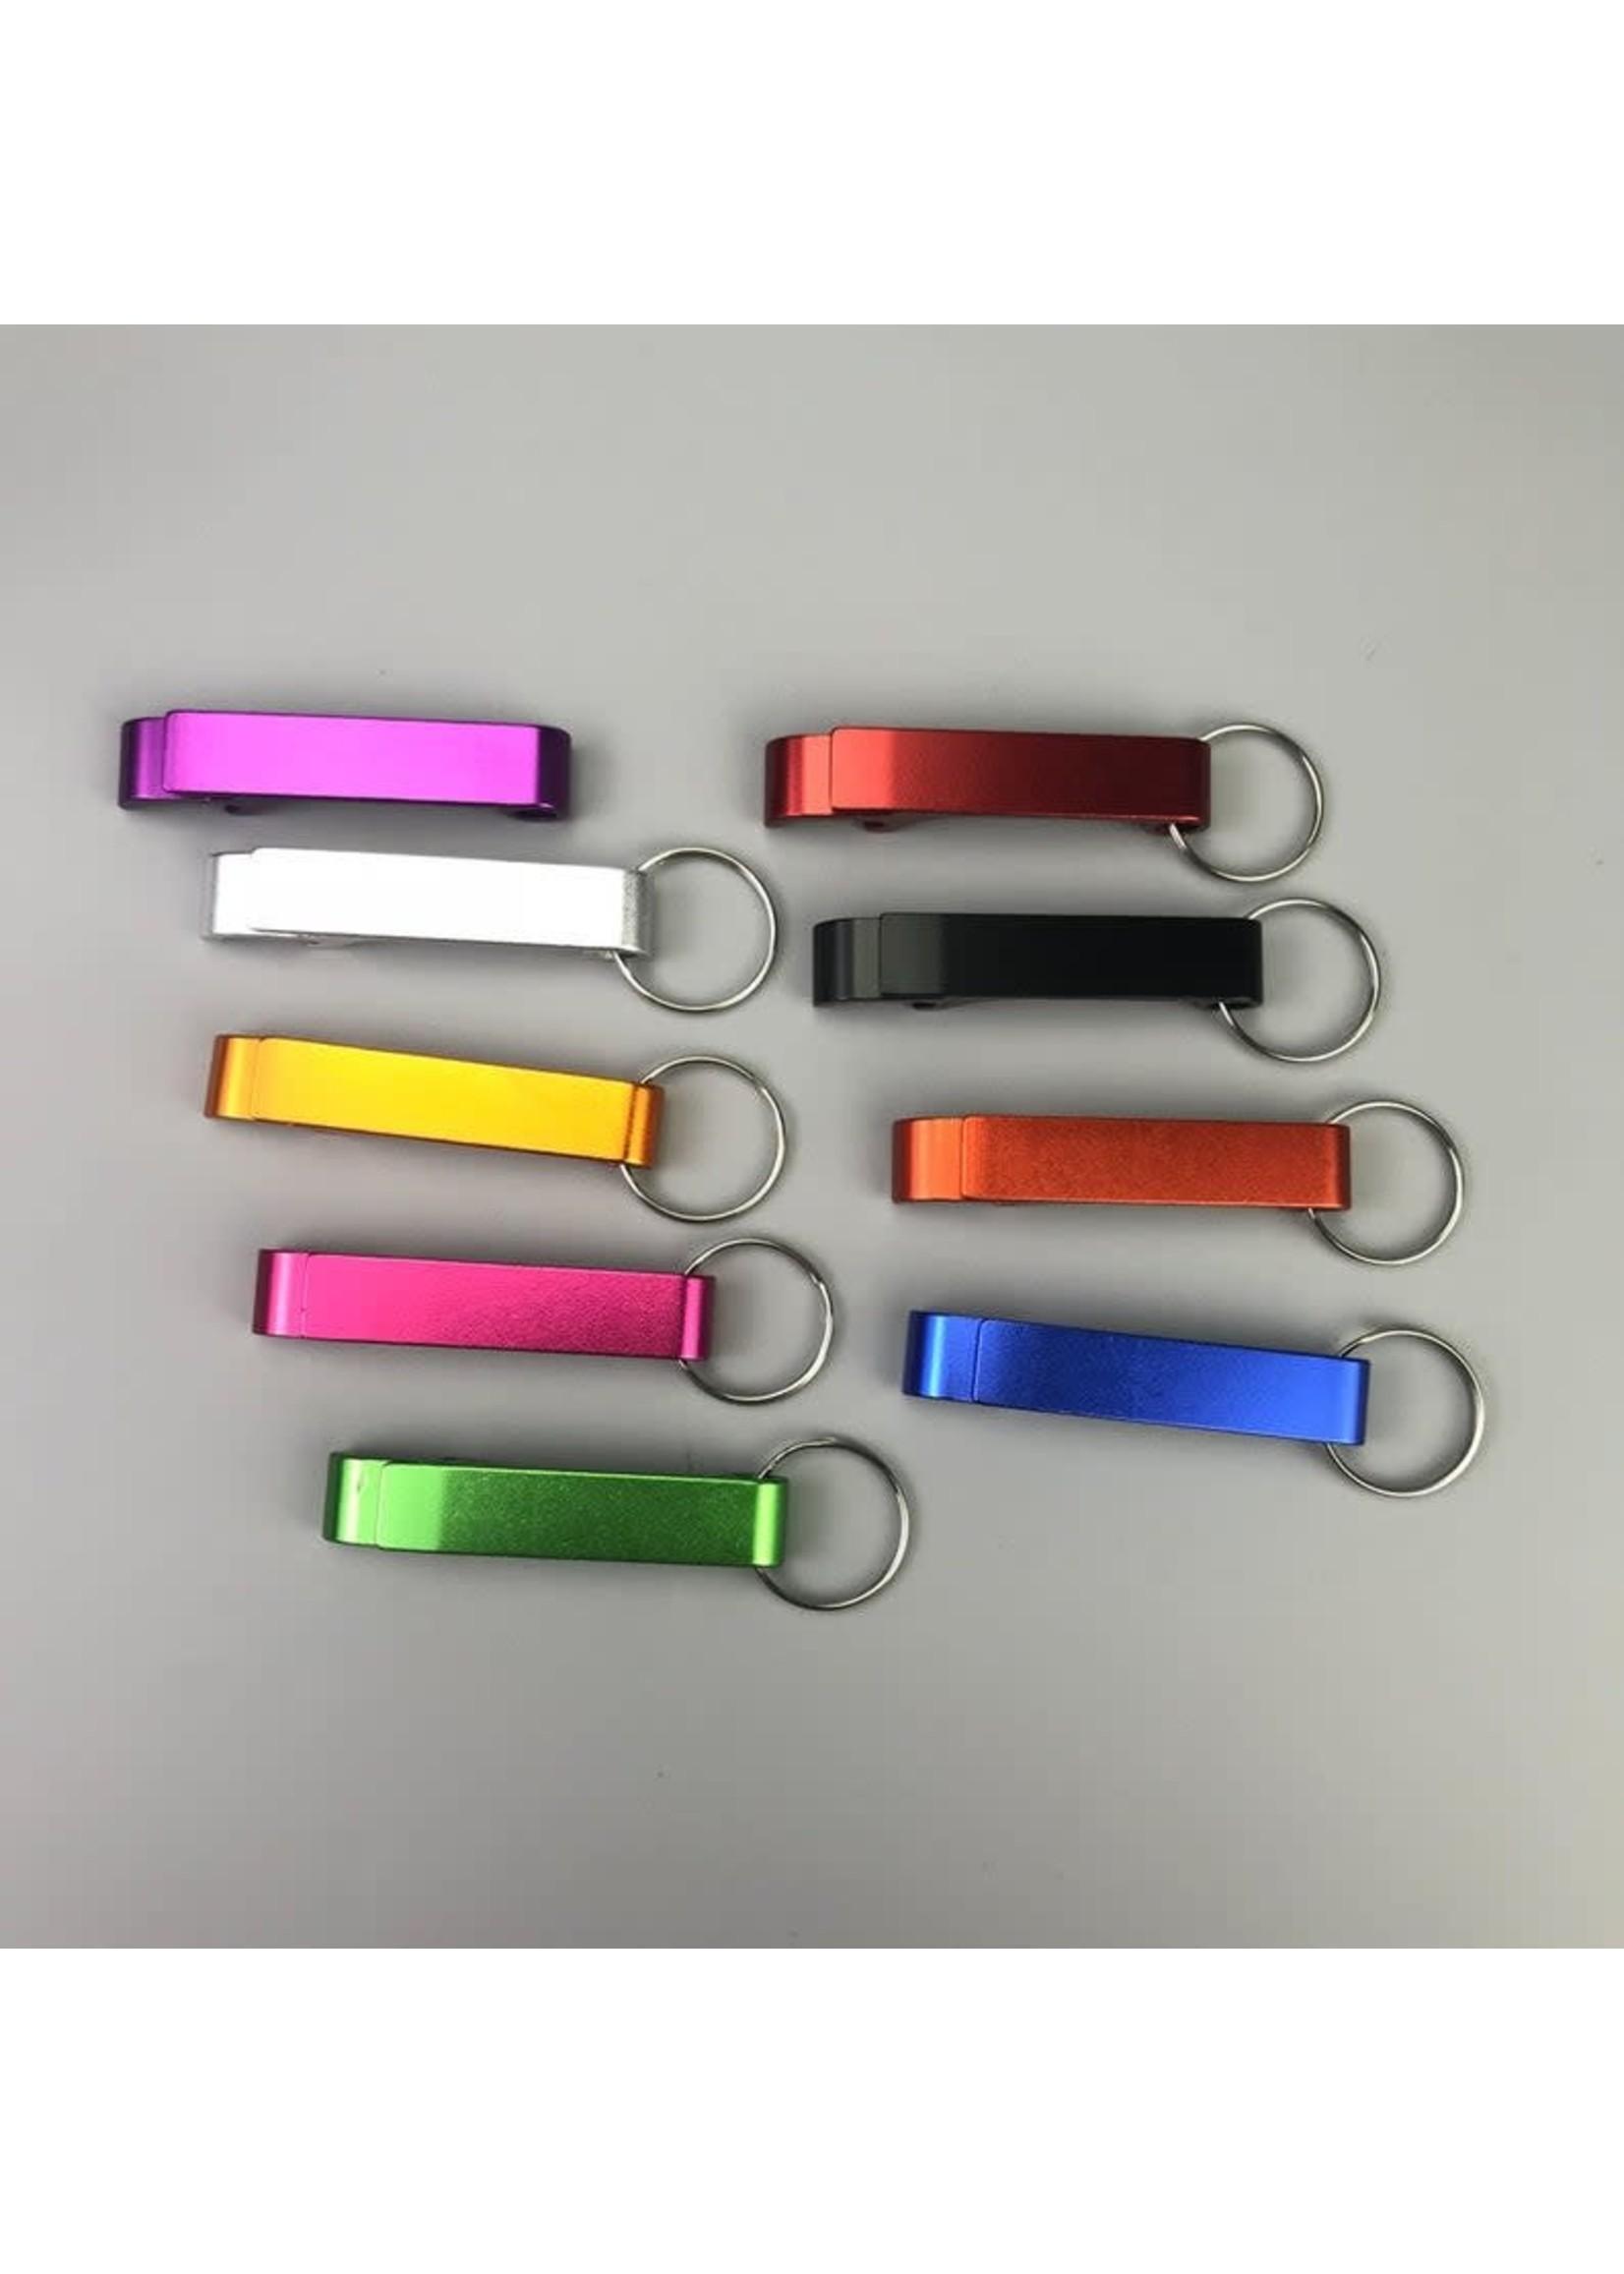 3 in 1 Key Chain Bottle Opener